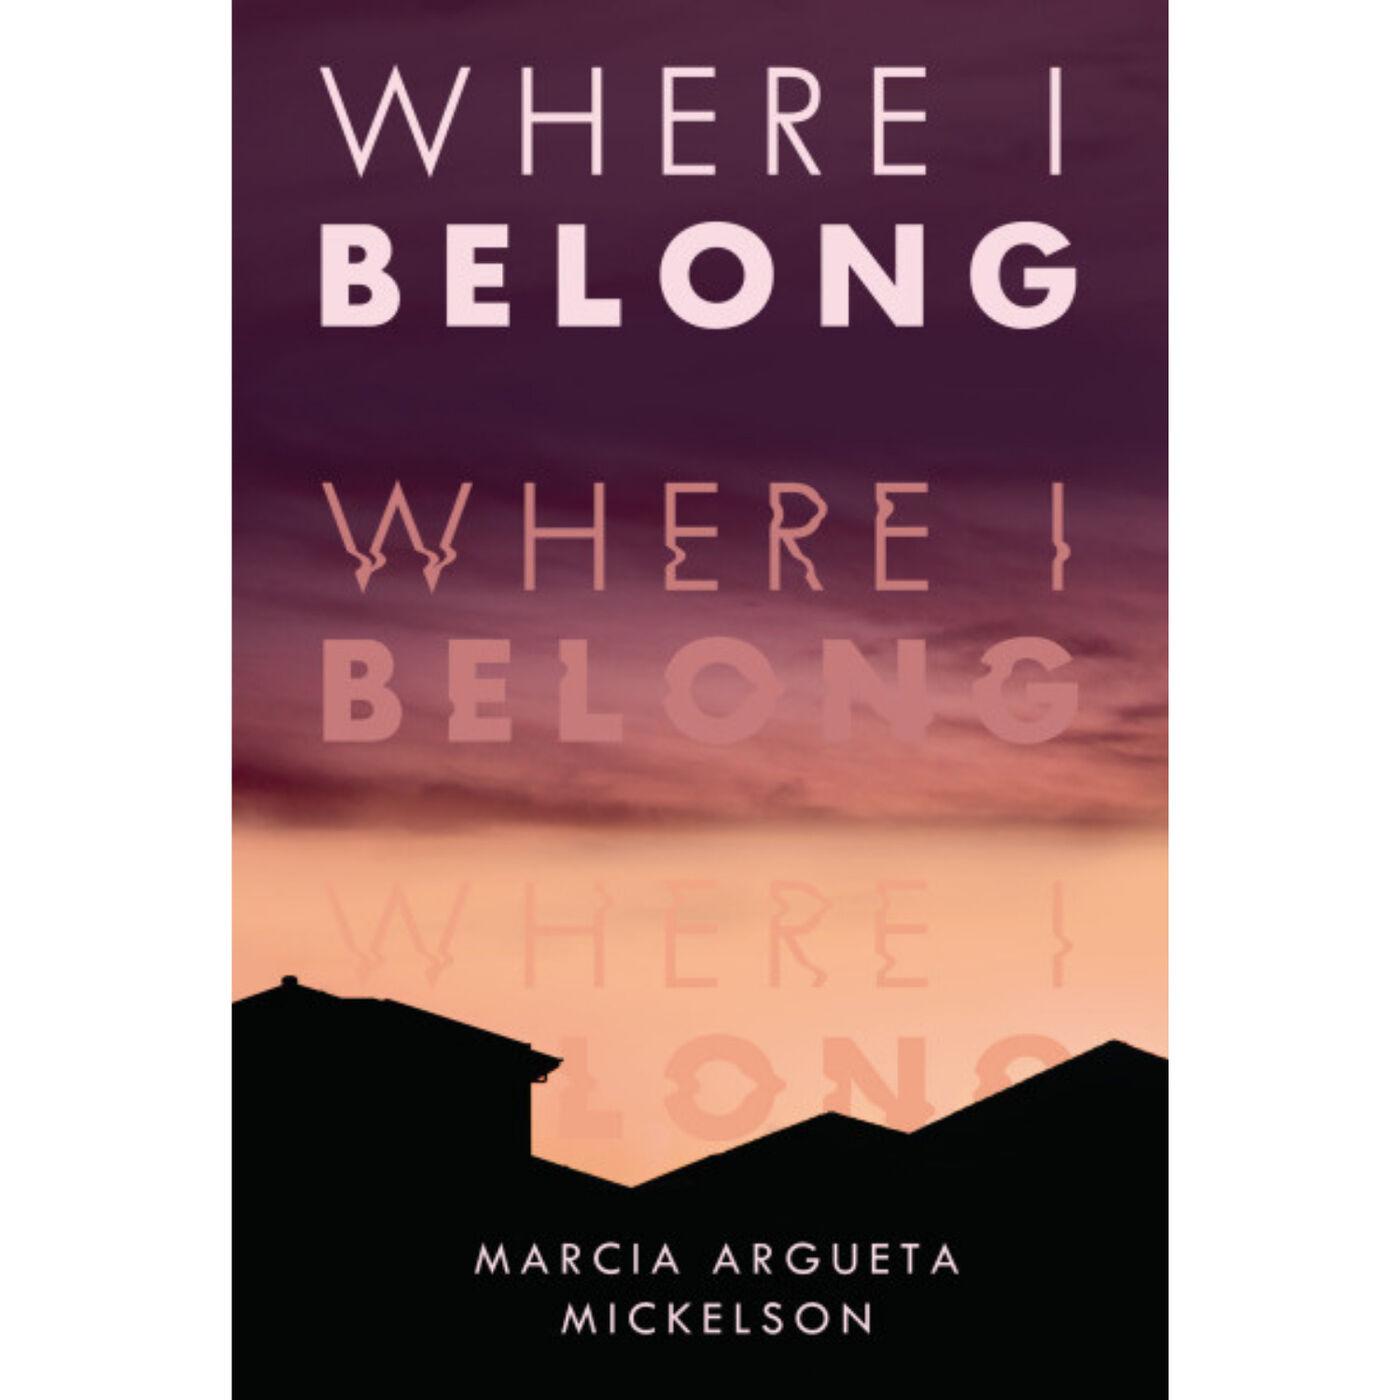 Where I Belong | New YA Novel from Marcia Argueta Mickelson